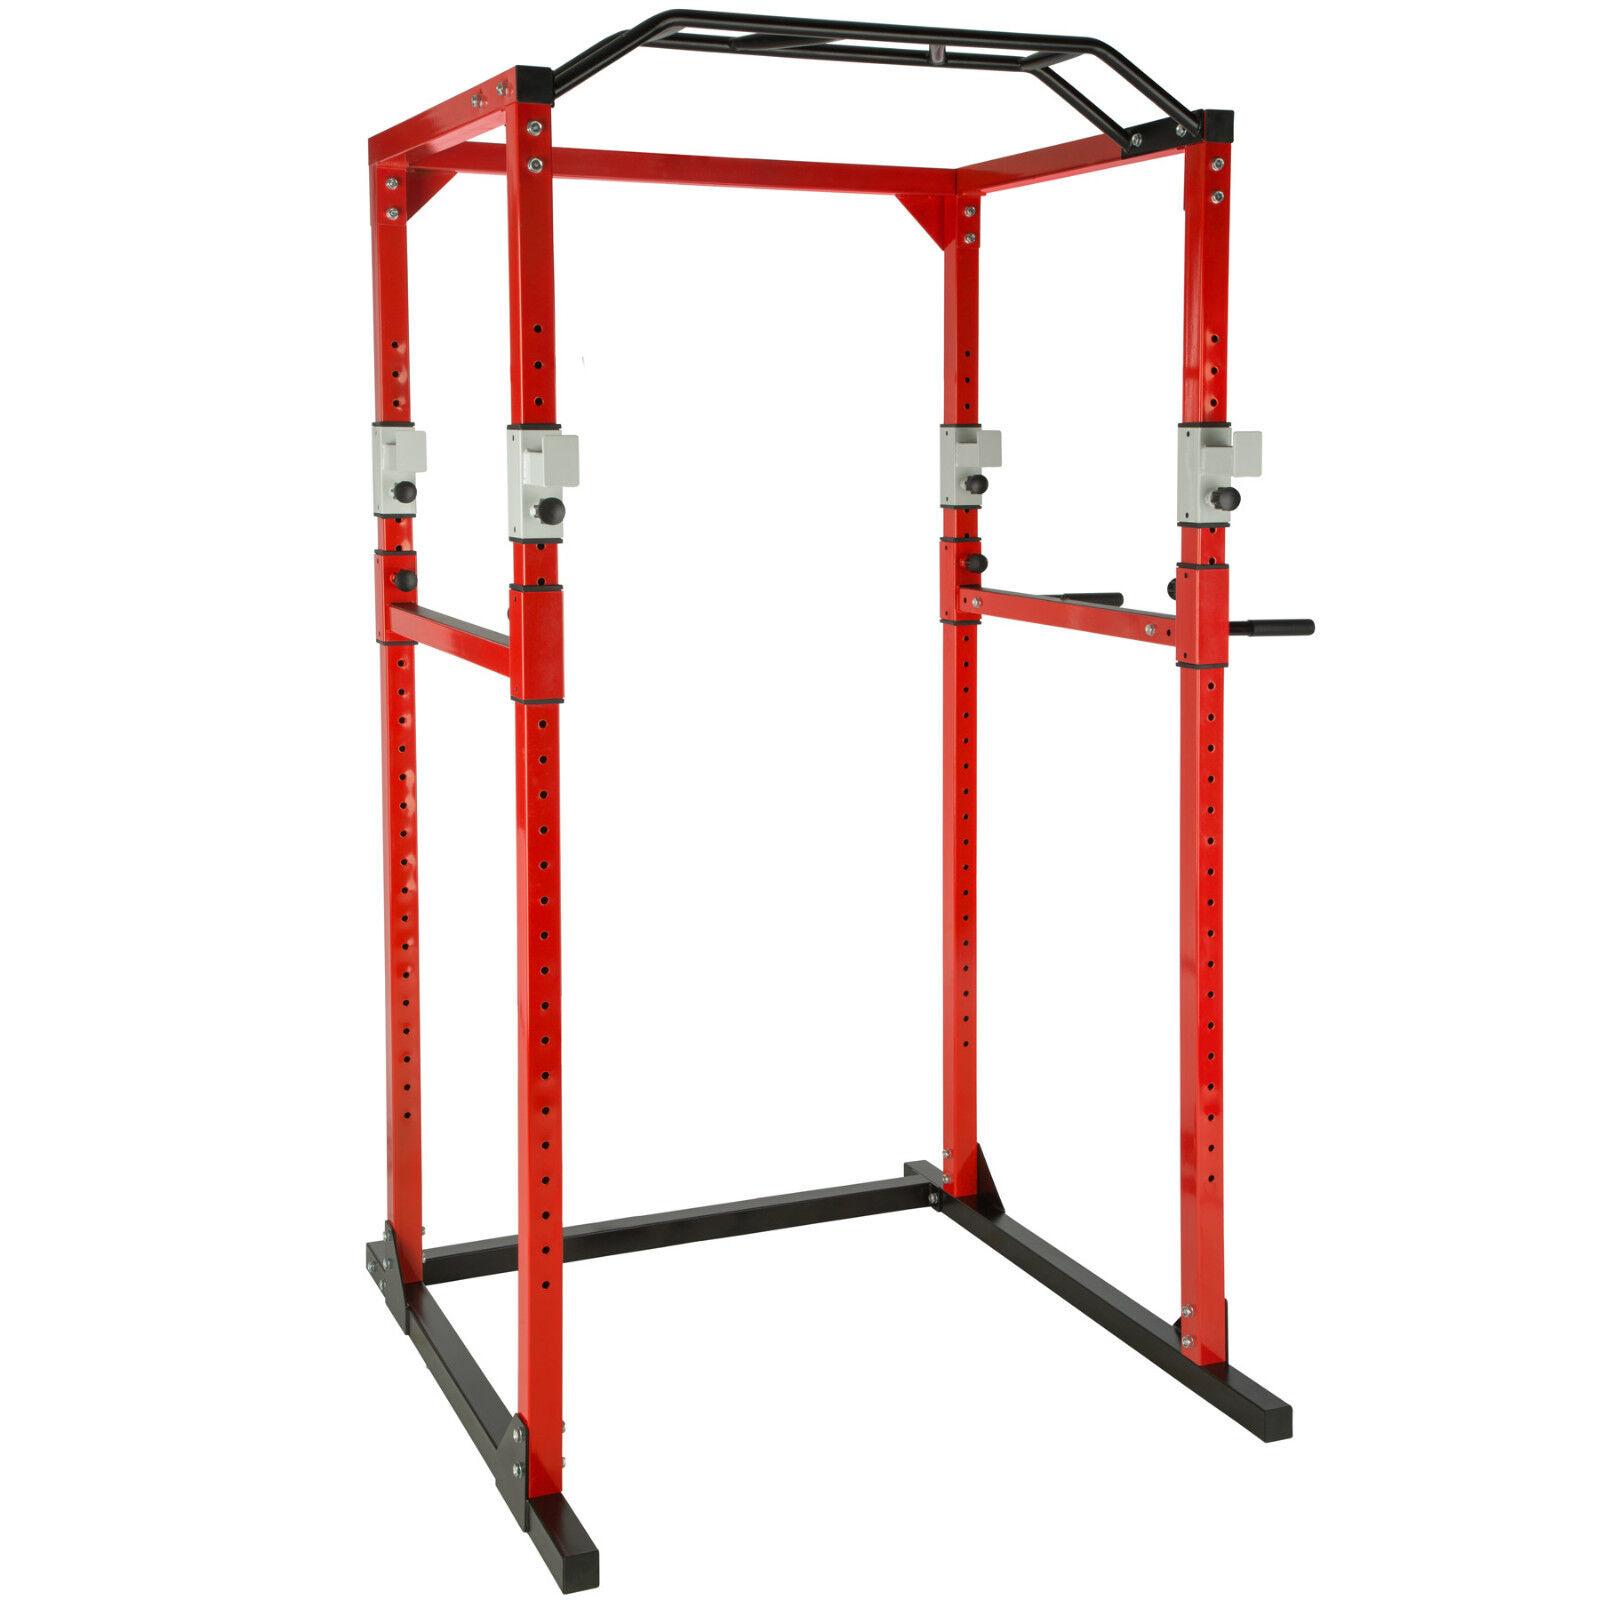 Estación fuerza estación fitness power rack power cage klimm dip robusto rojo-negro